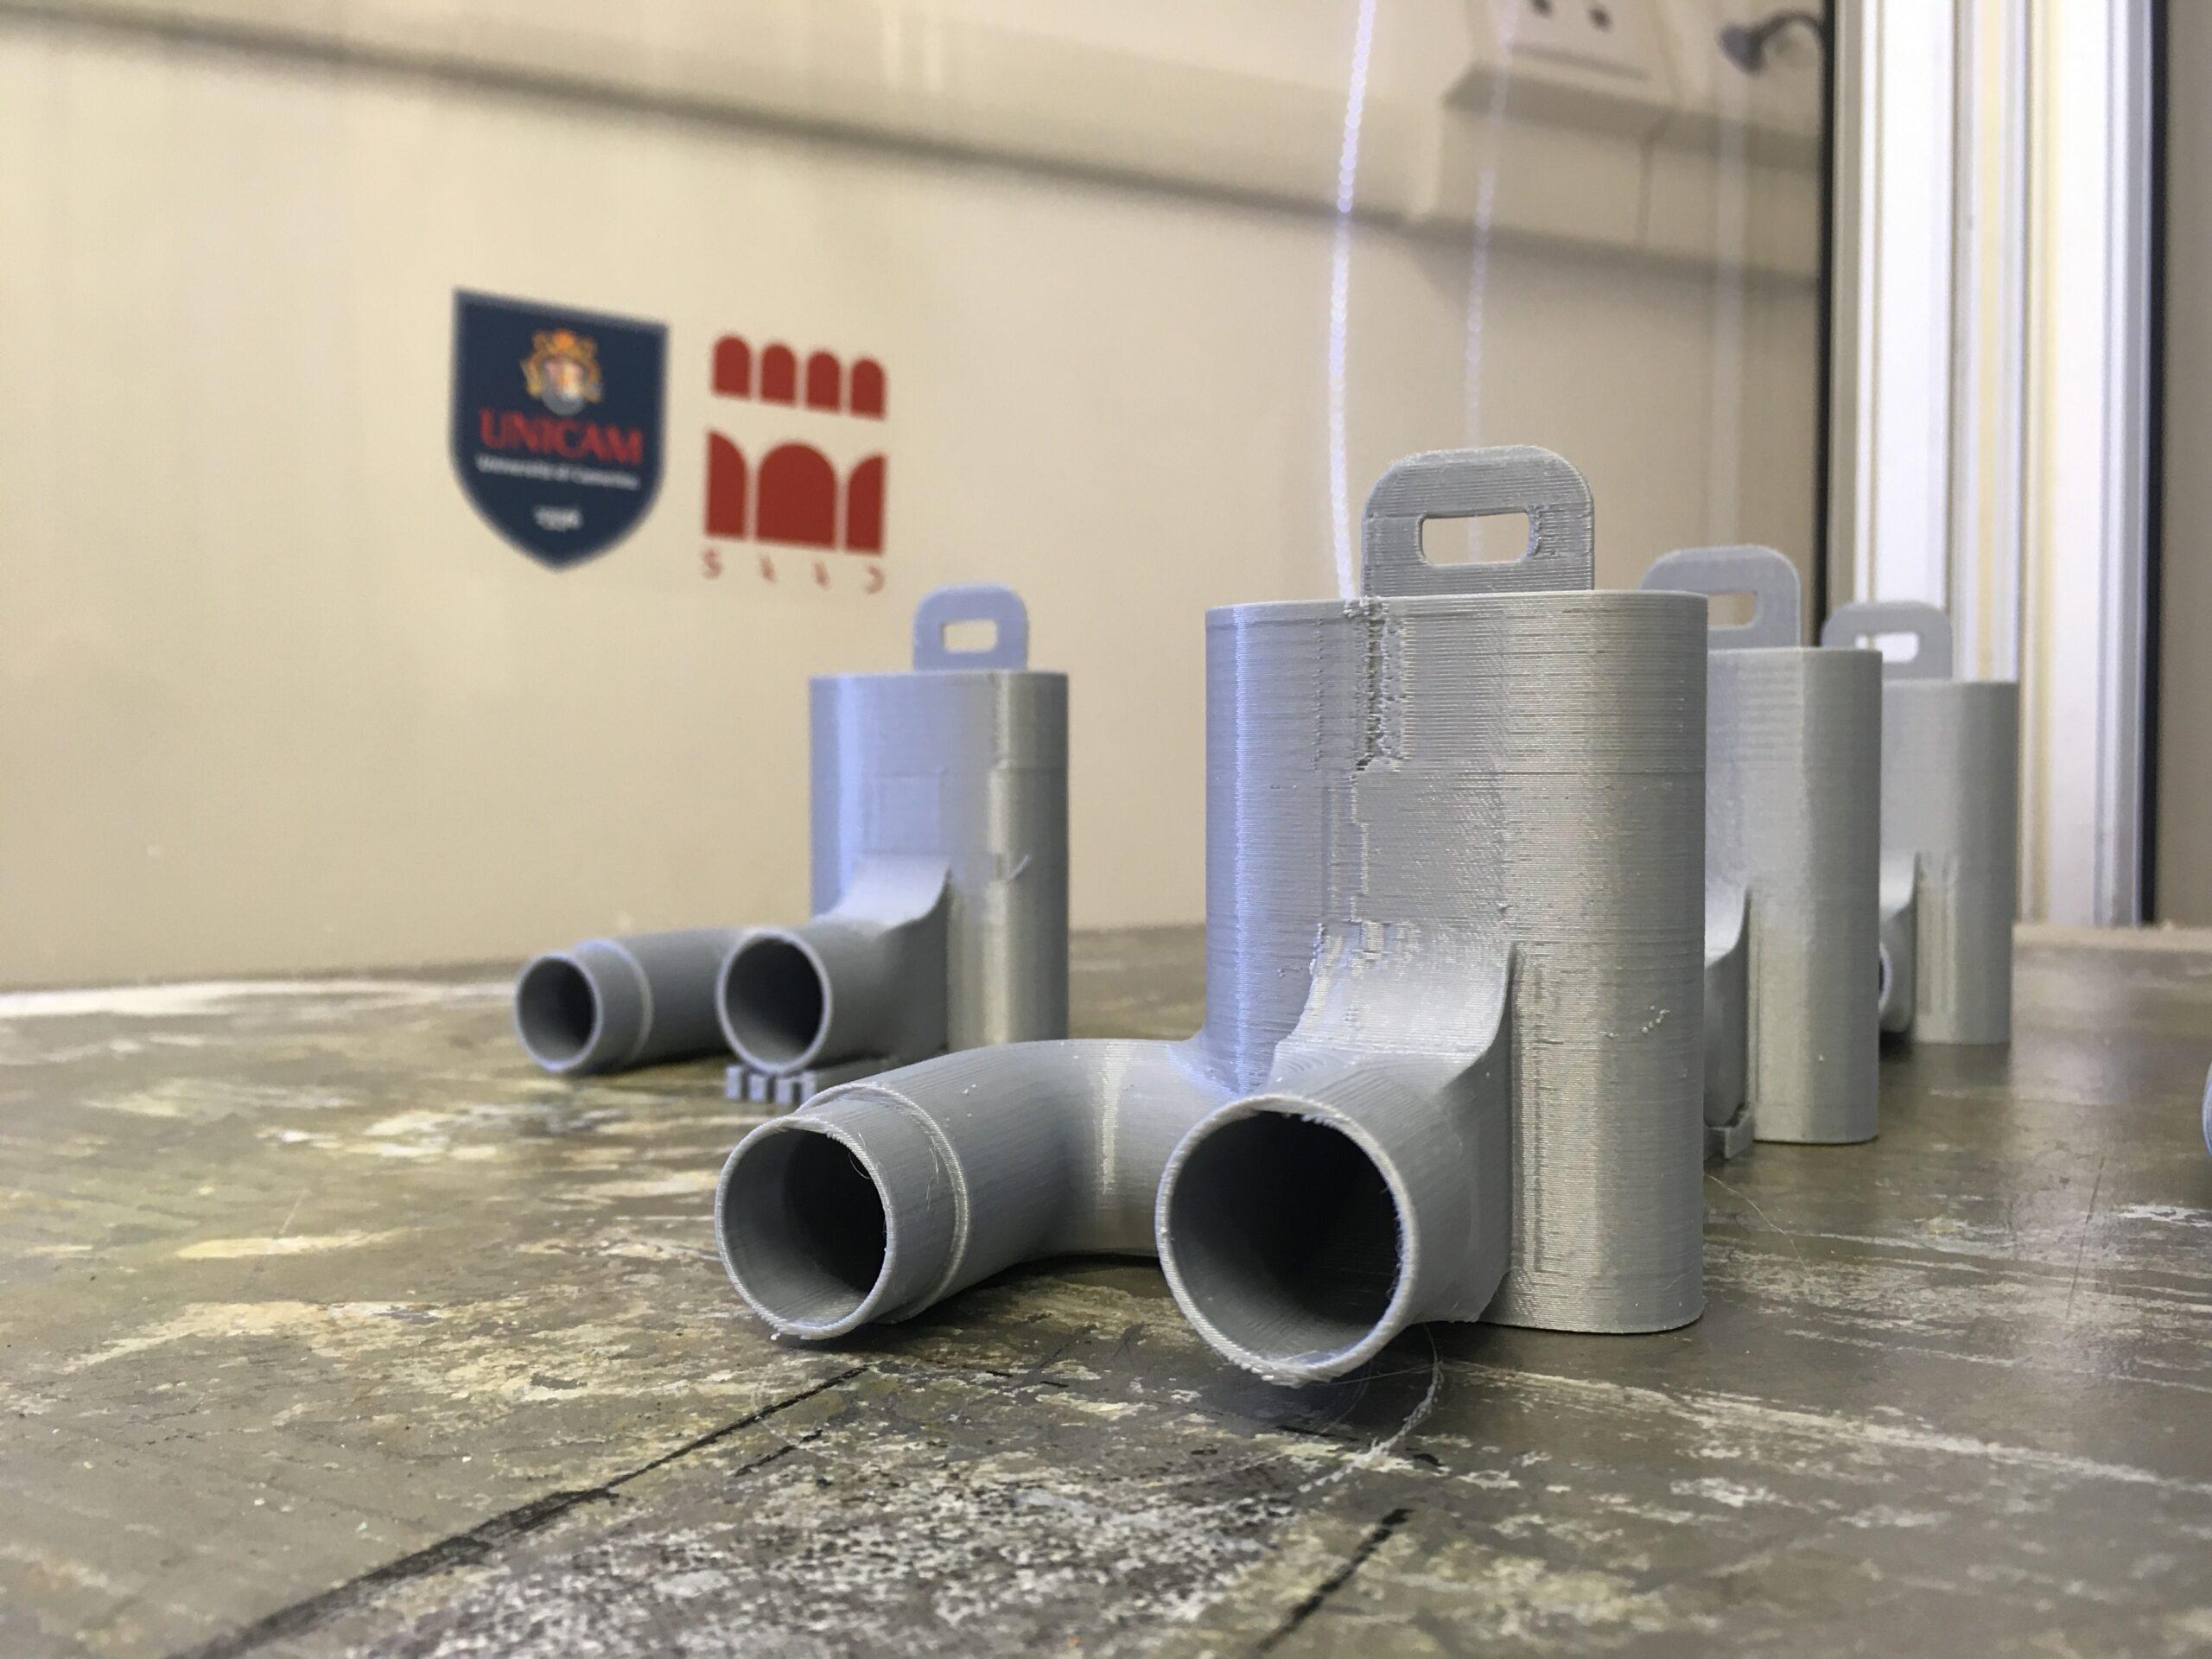 Unicam, valvole per respiratori realizzate con stampanti 3D